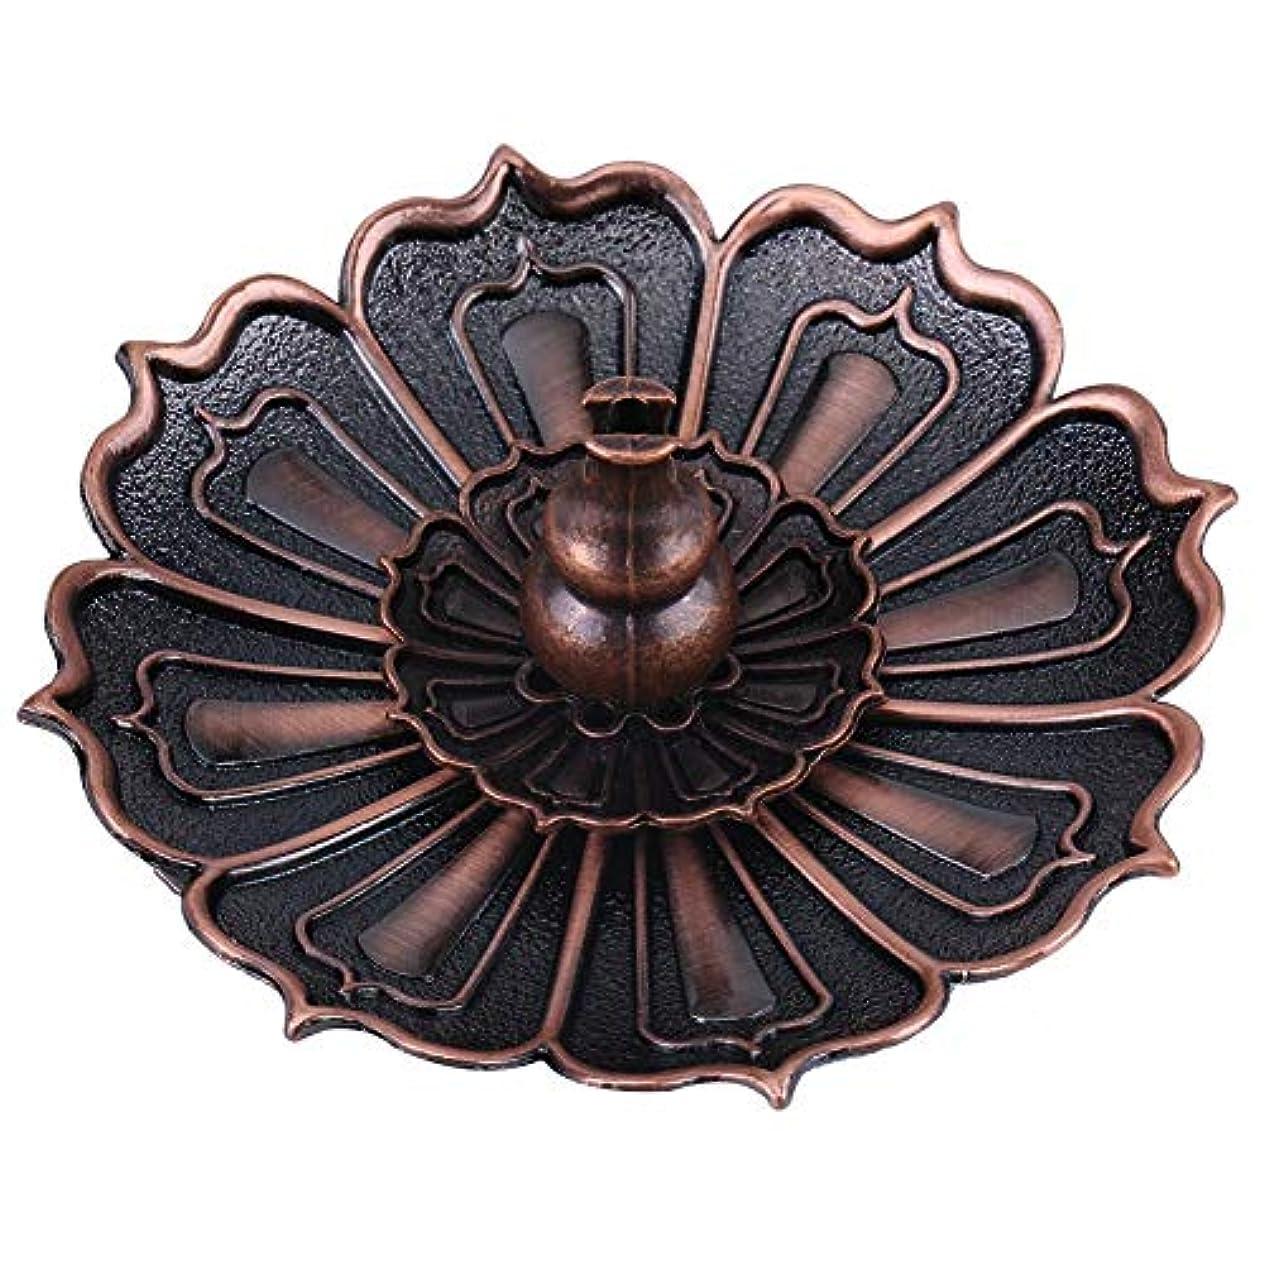 記述する暴行やさしく蓮の花の形の香ホルダー - 線香炉 香立て お香用具 お線香用可 アロマ香炉9×3.5センチメートル